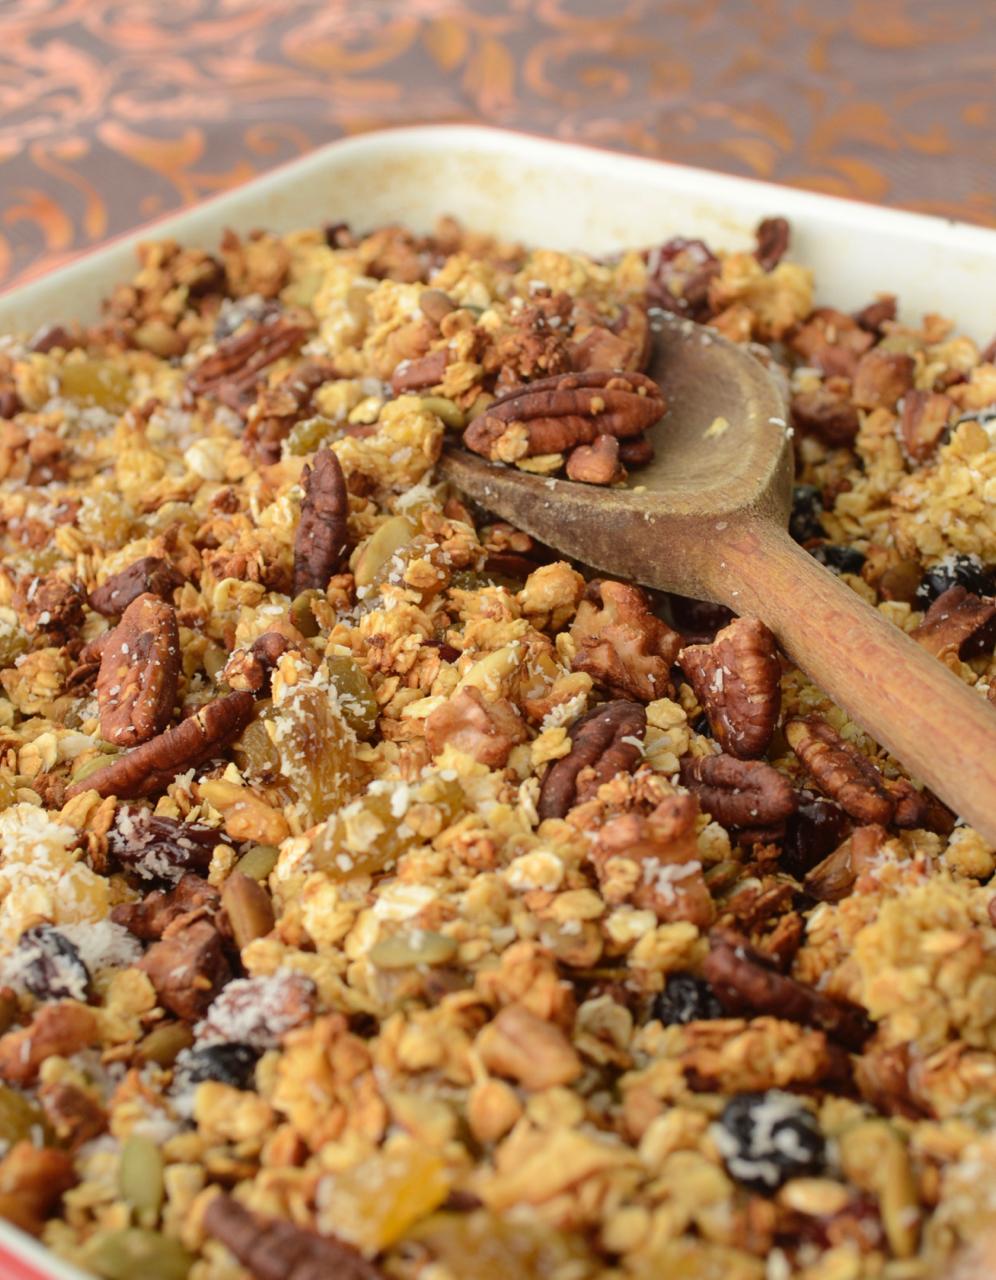 granola recipe, healthy granola, sugar-free granola, granola simple recipe, fast granola, homemade granola, diabetic granola, fruit nut granola, gastrogays granola, gastrogays recipe